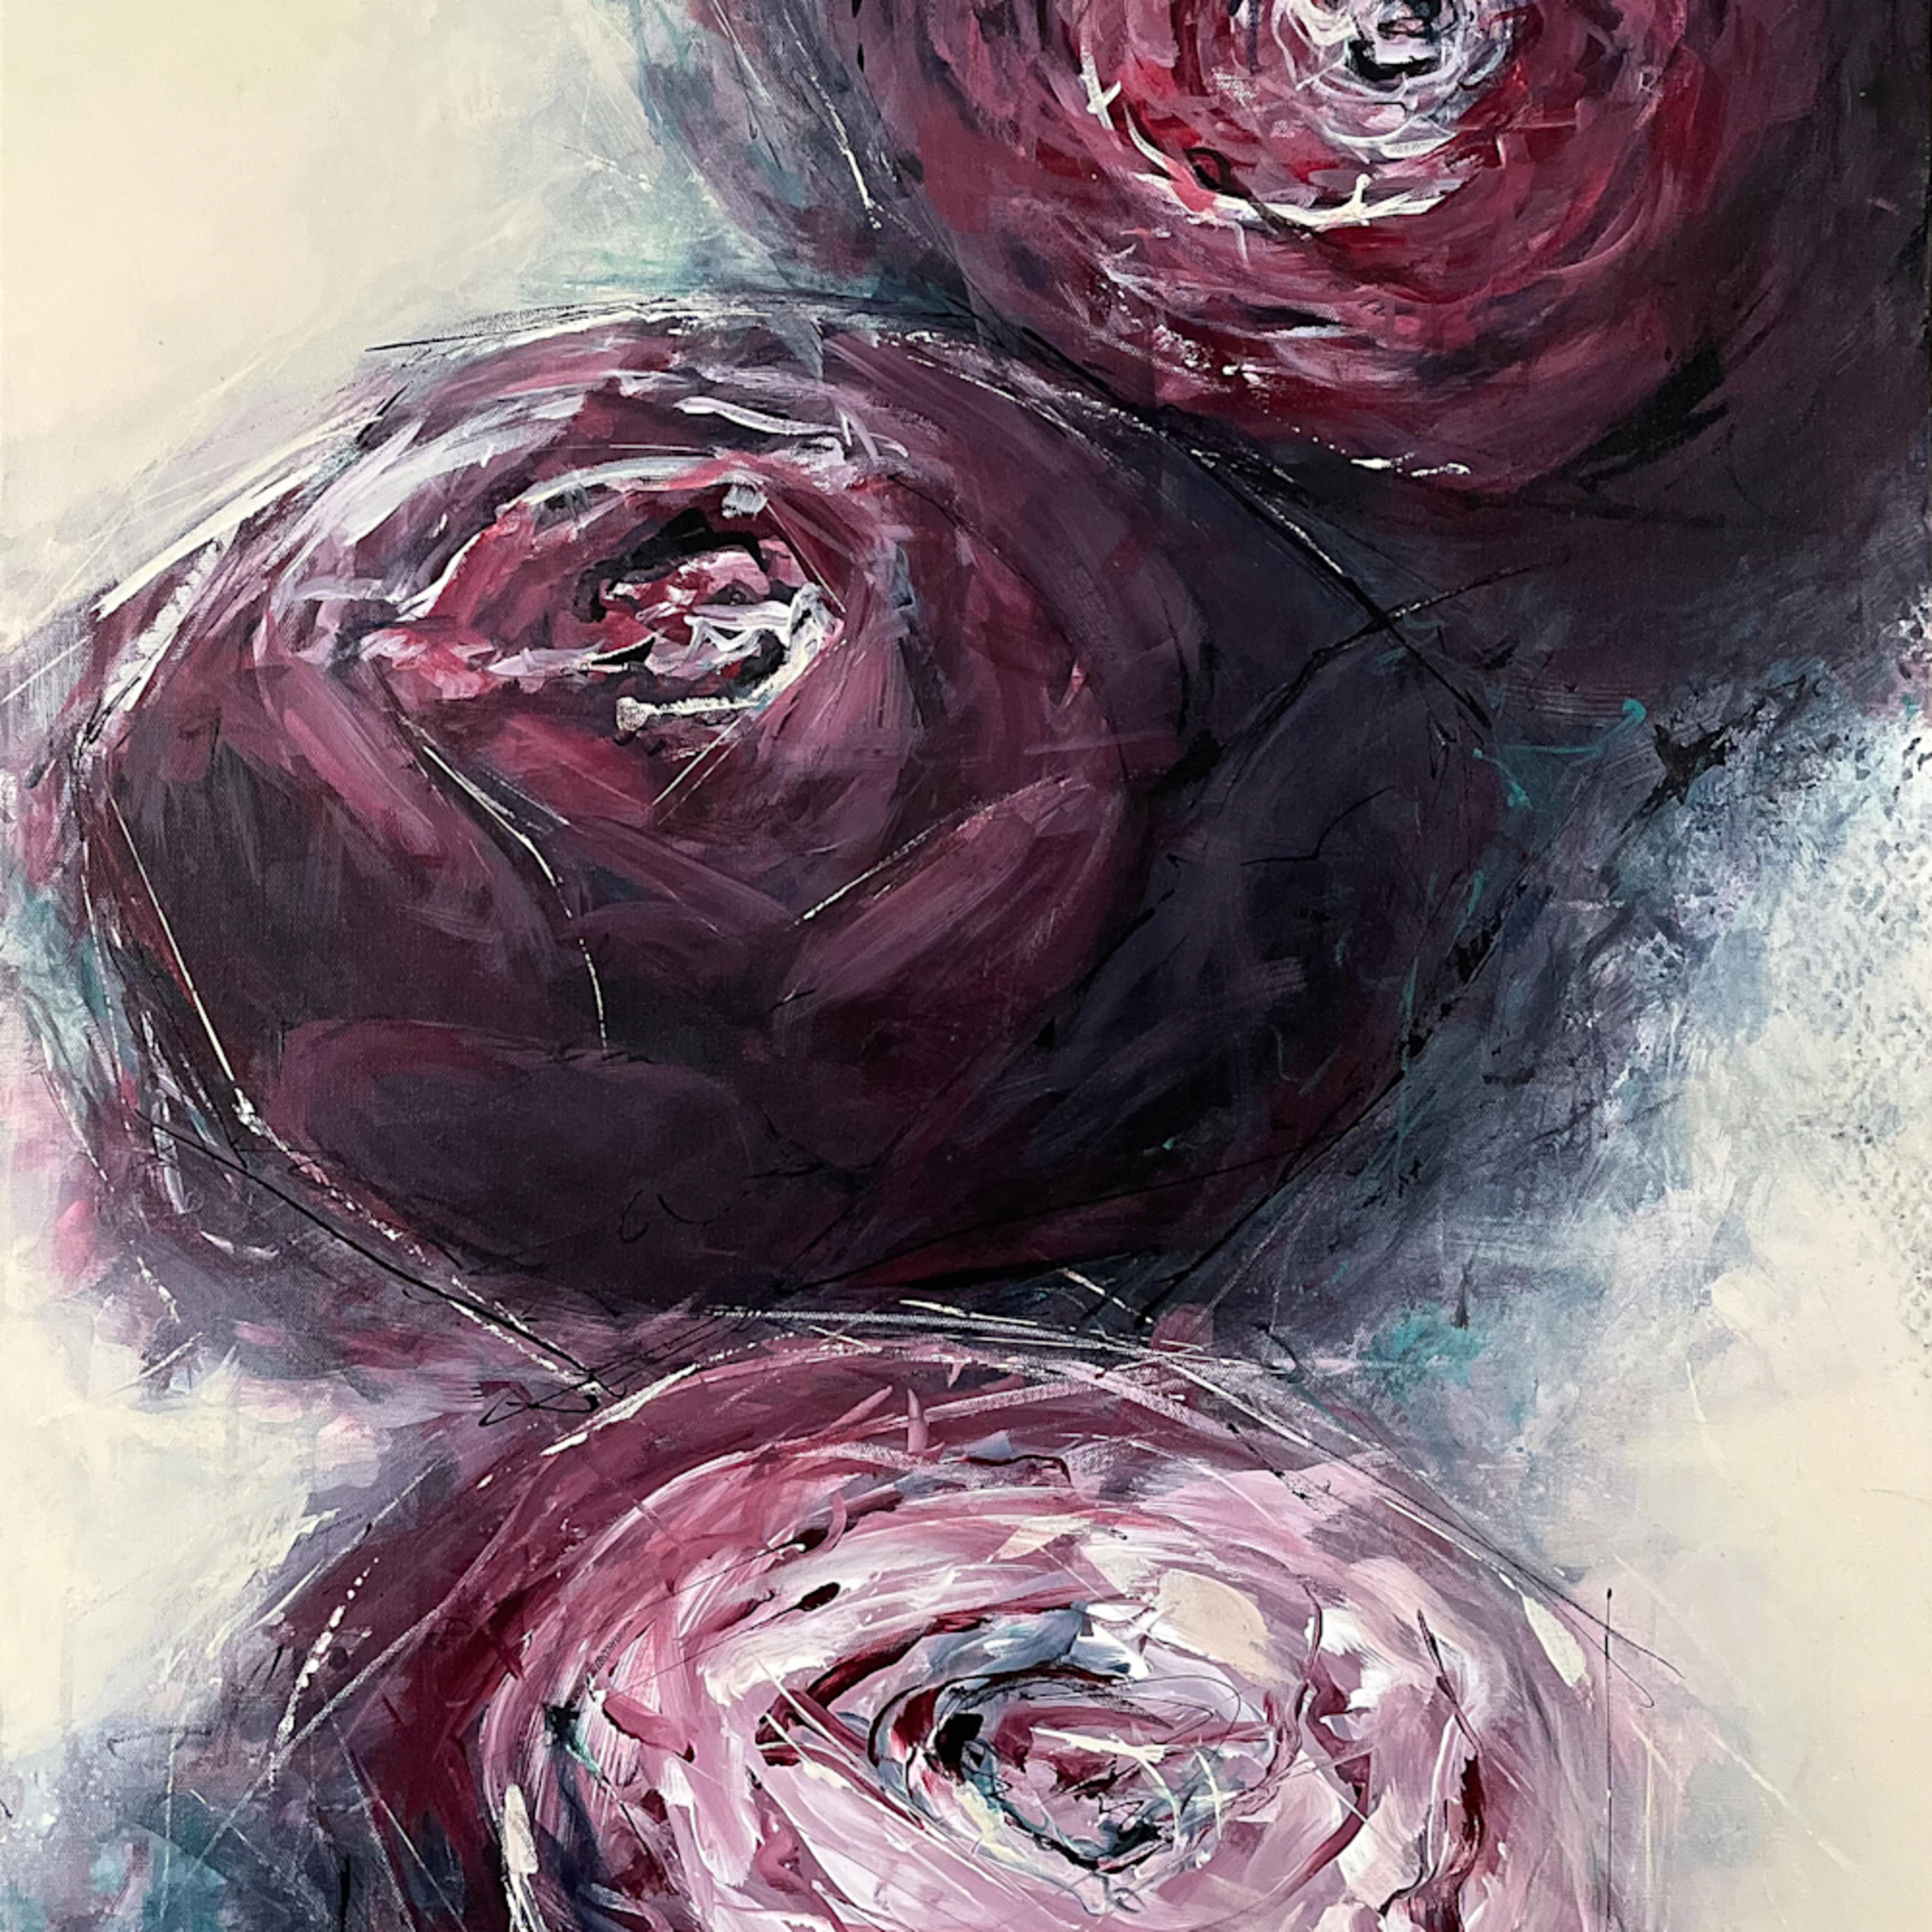 Roses h9bnym